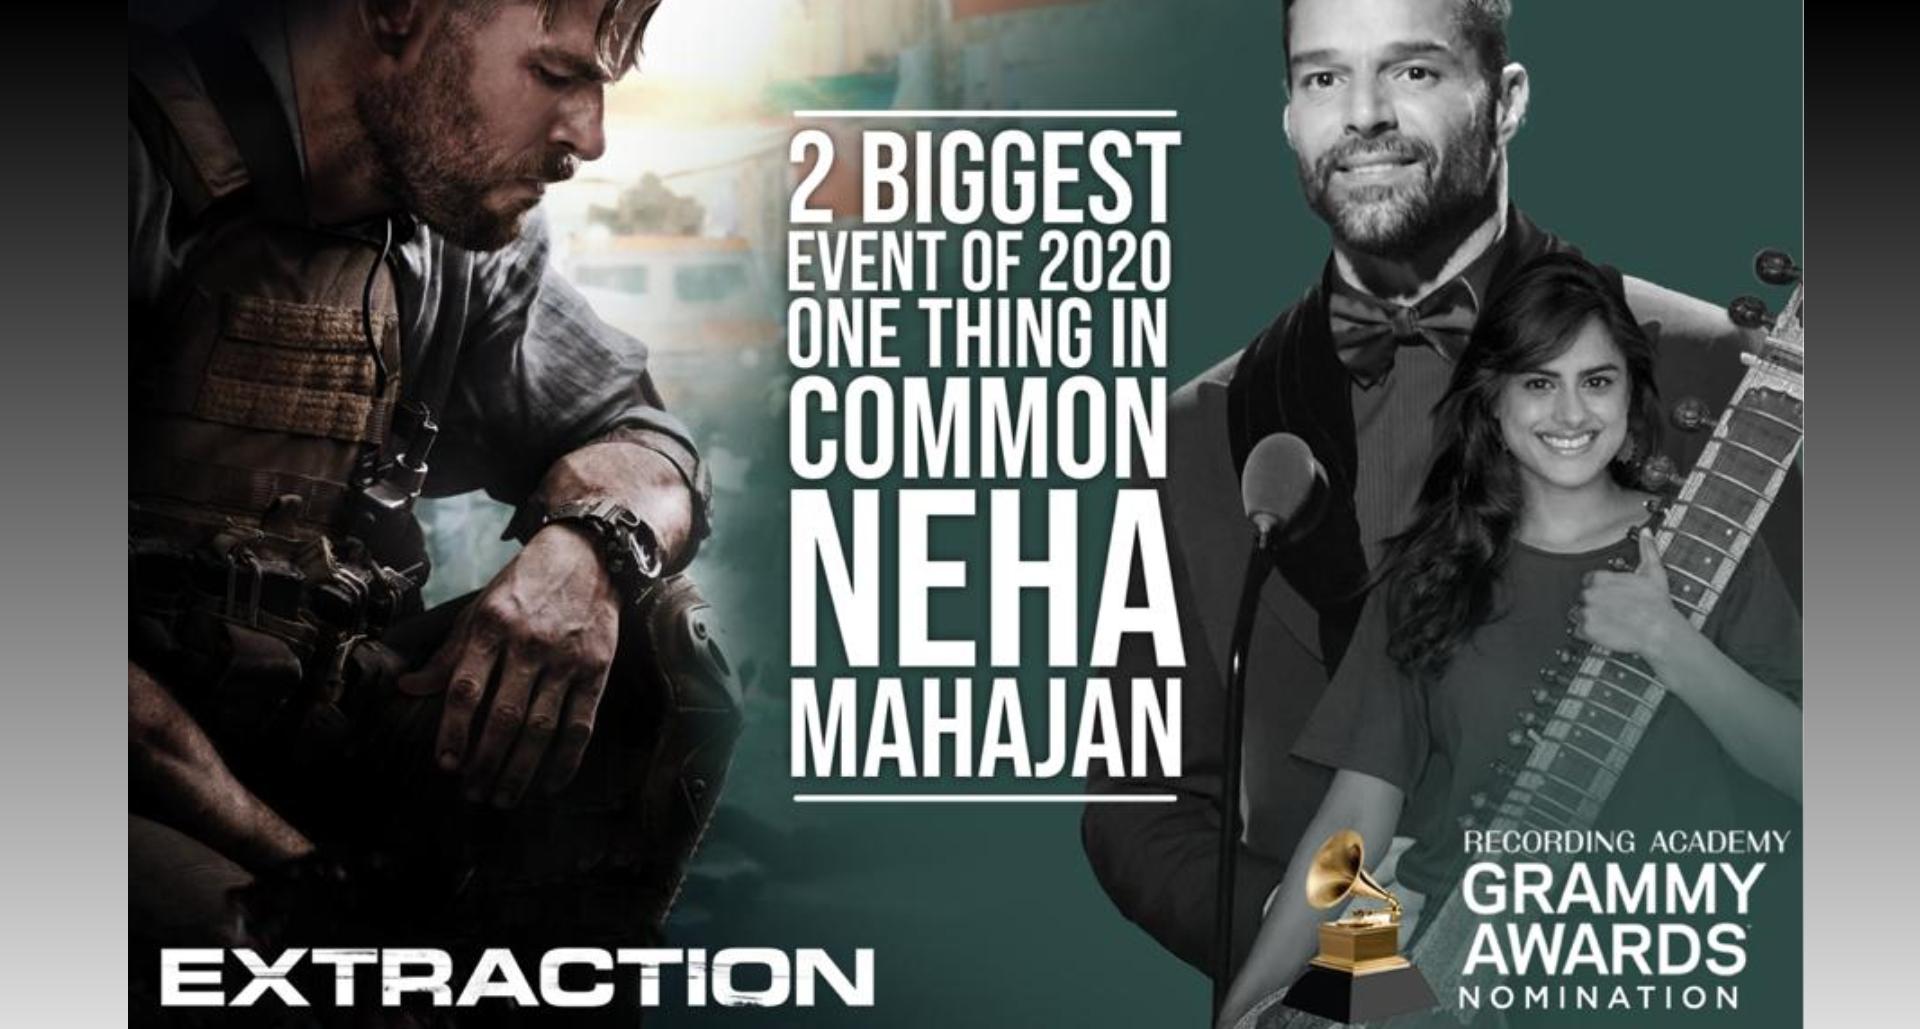 नेहा महाजन और रिकी मार्टिन के गाने को मिला र्गैमी नोमिनेशन, भारत के लिए गर्व की बात!